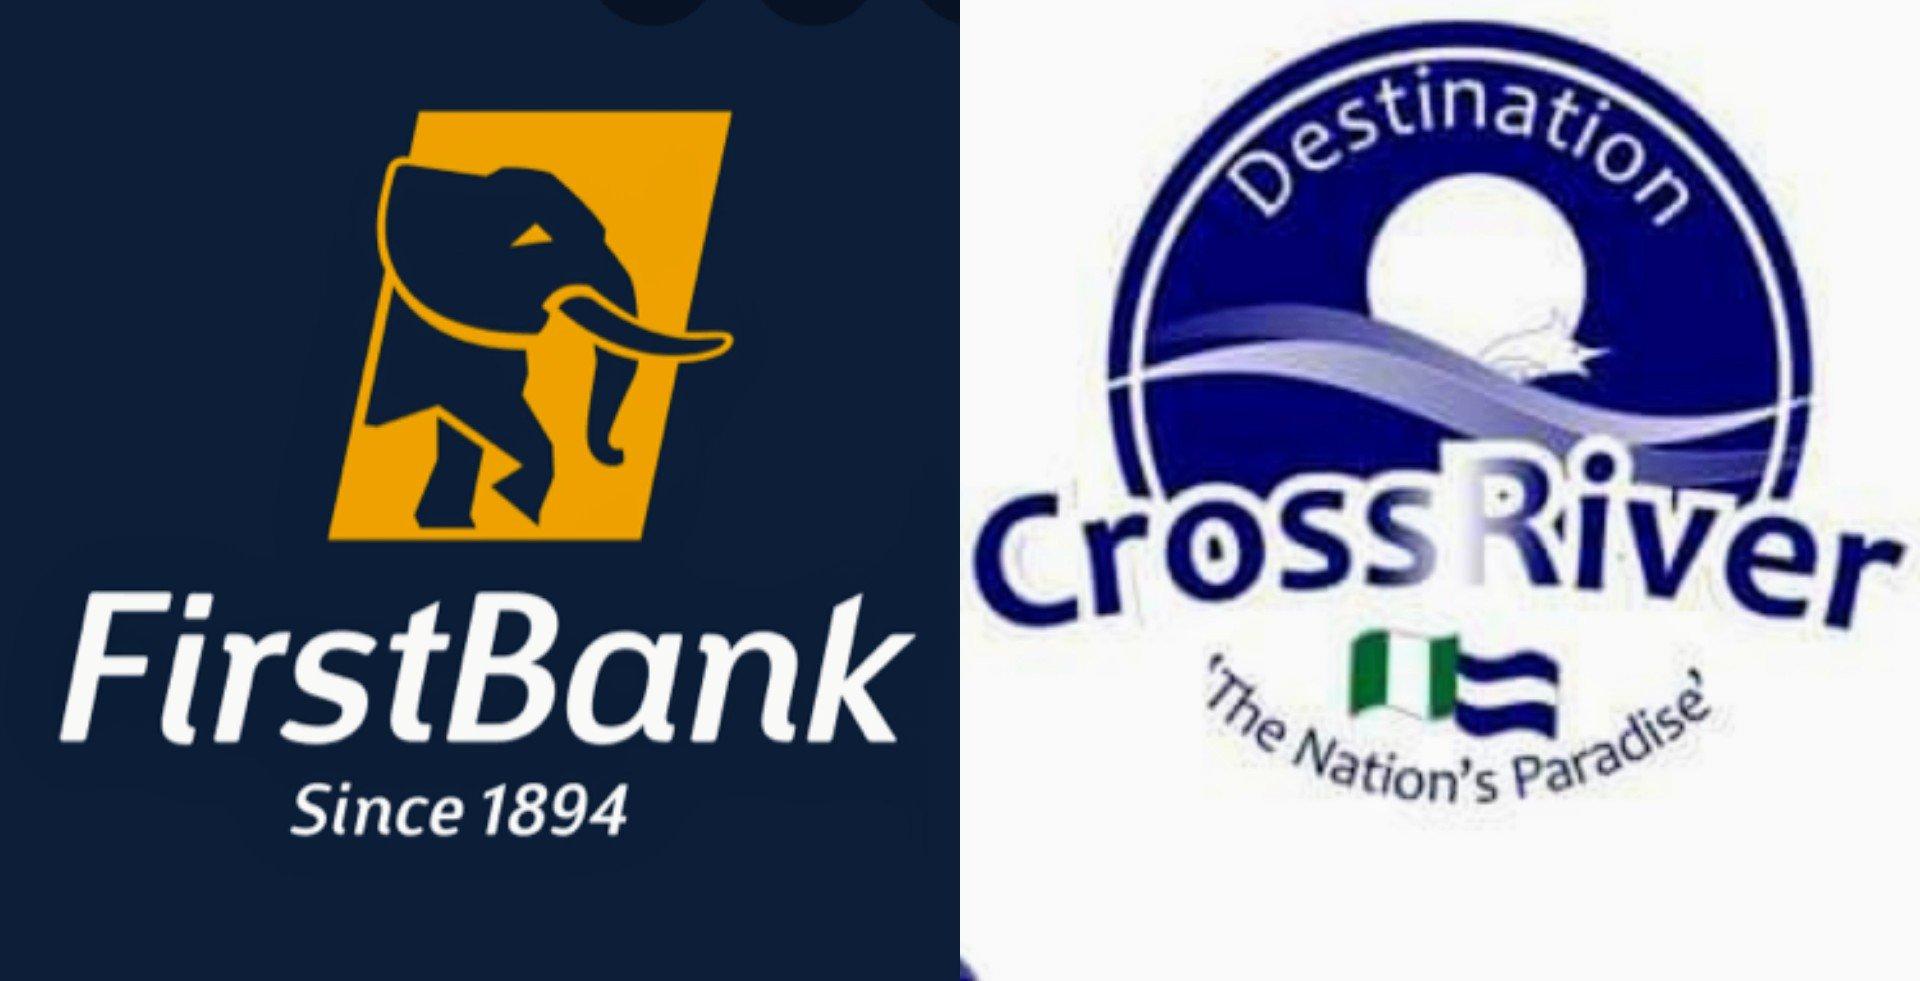 CRSG/First Bank Settle Rift, Bank Reopens